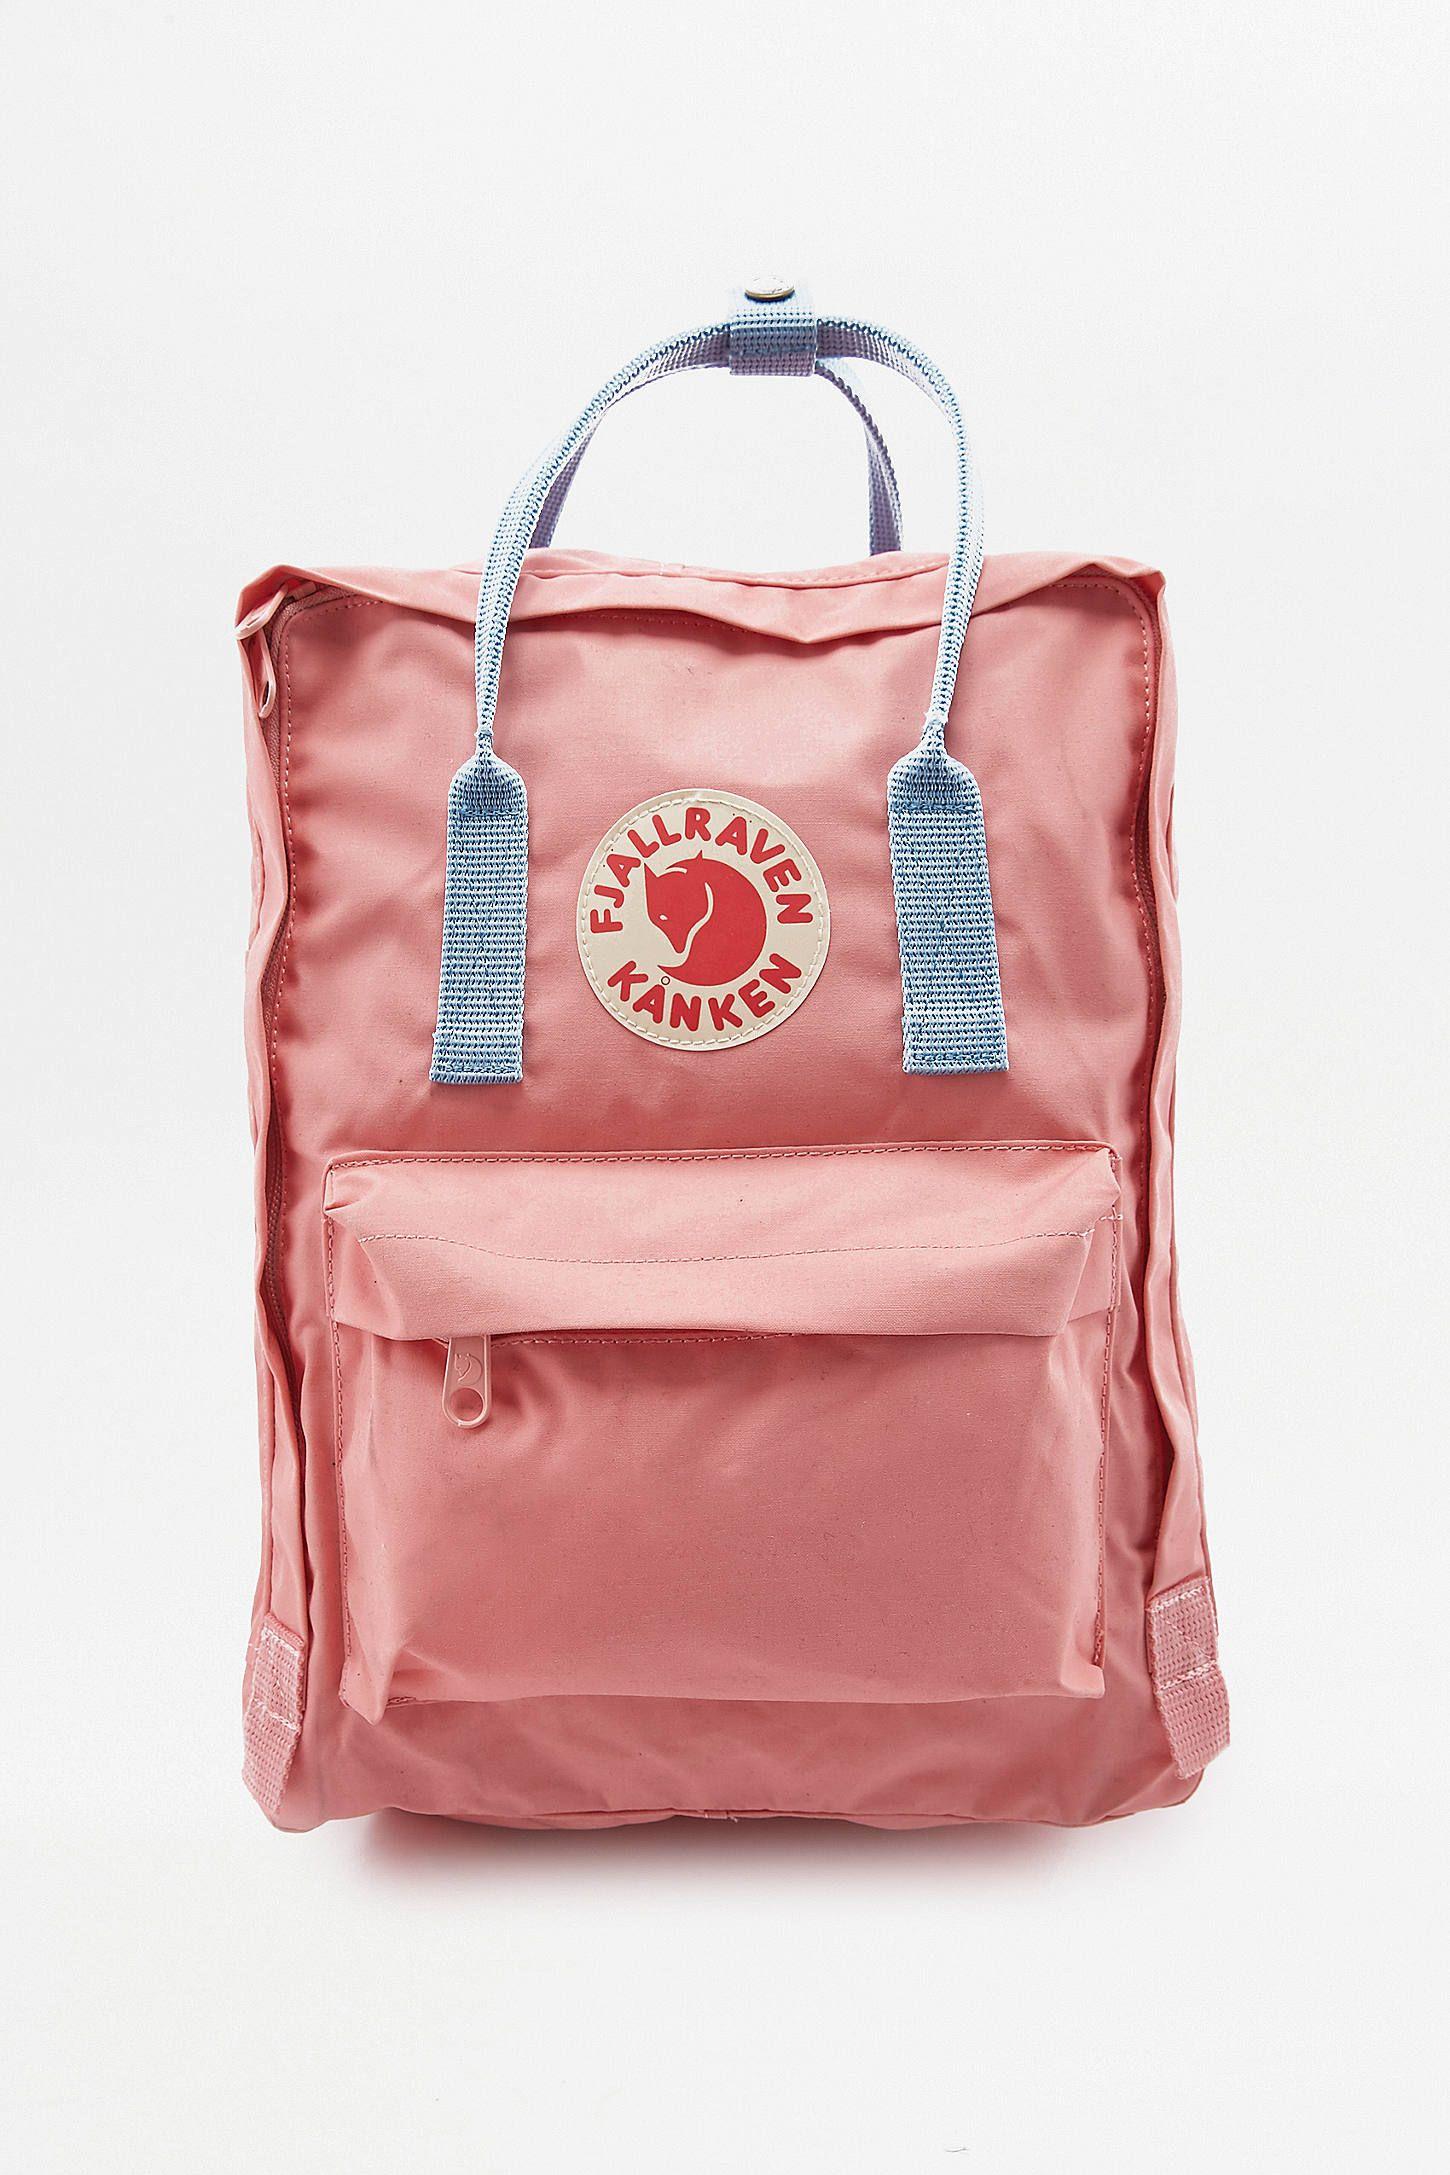 Fjallraven Kanken Pink & Air Blue Backpack in 2020